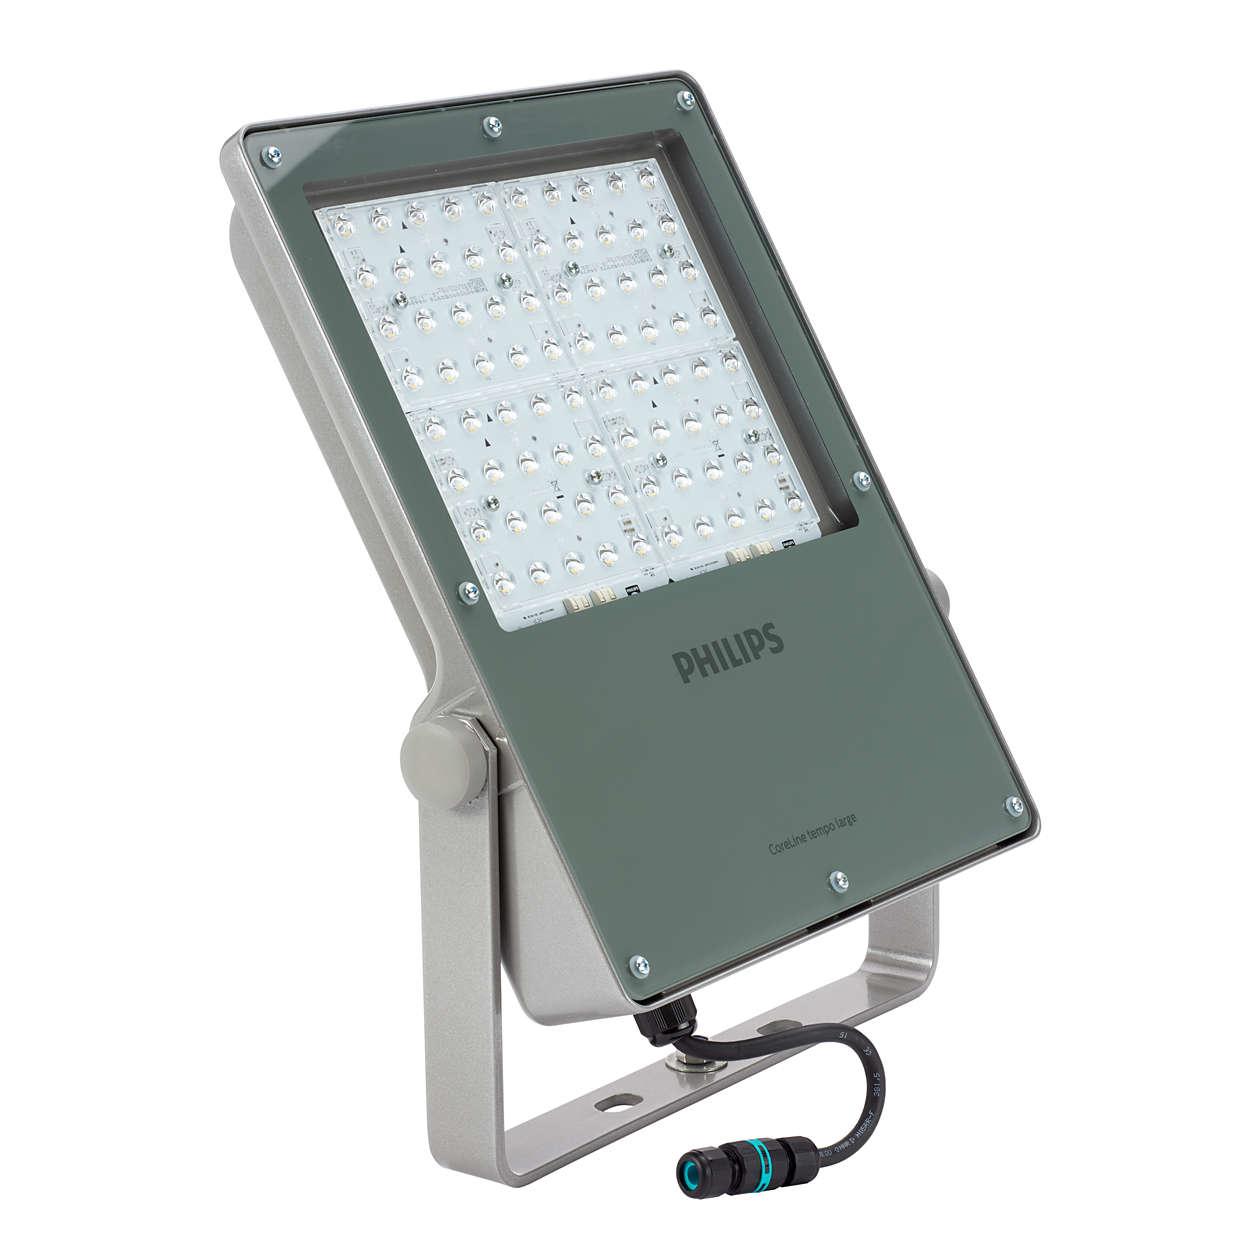 Philips Proiettore LED - BVP130 Tempo Large Simmetrico - 09643400